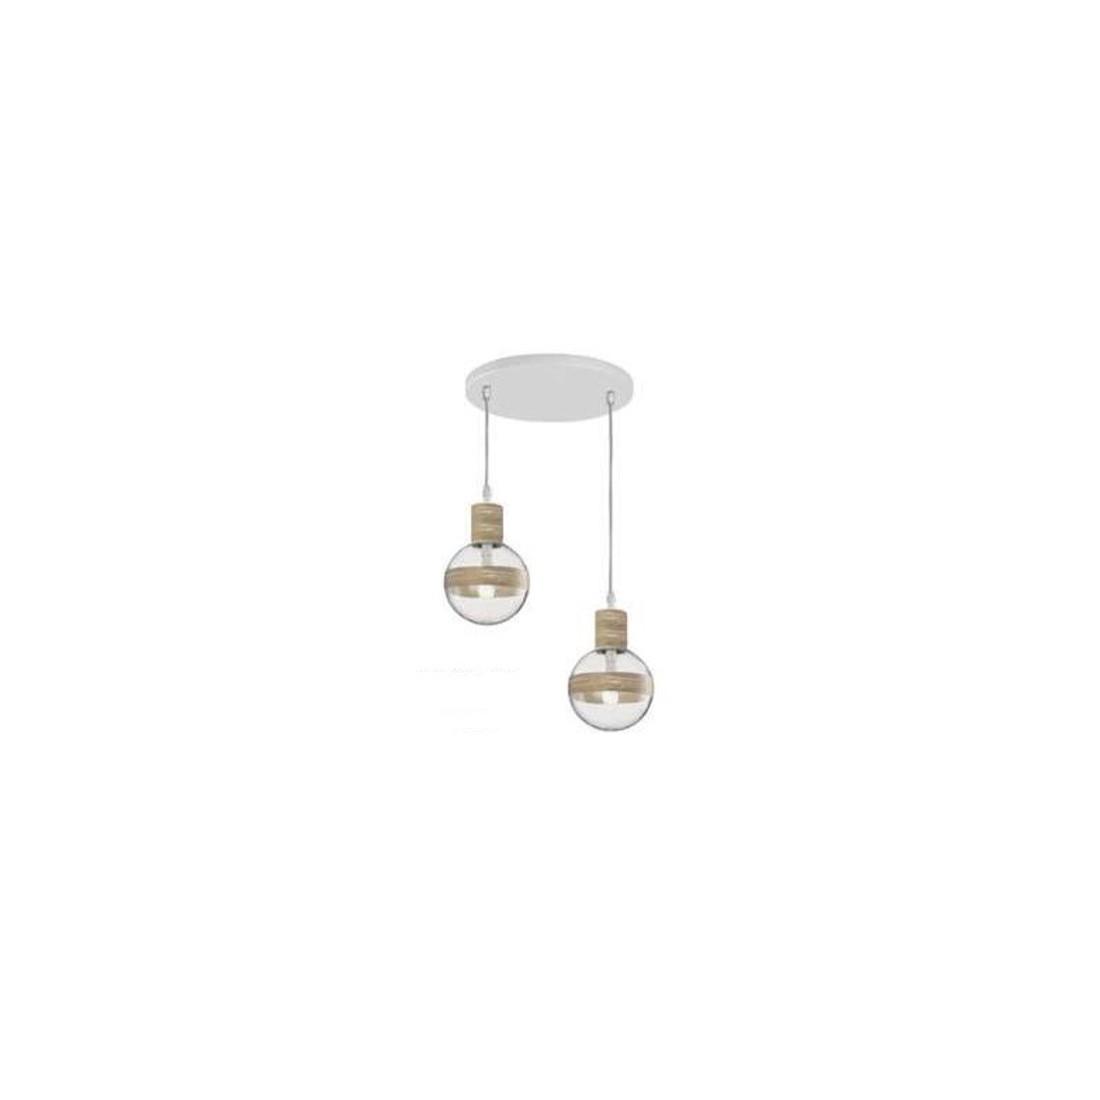 L mpara de techo con bolas redondas de cristalitos para - Ofertas de lamparas de techo ...